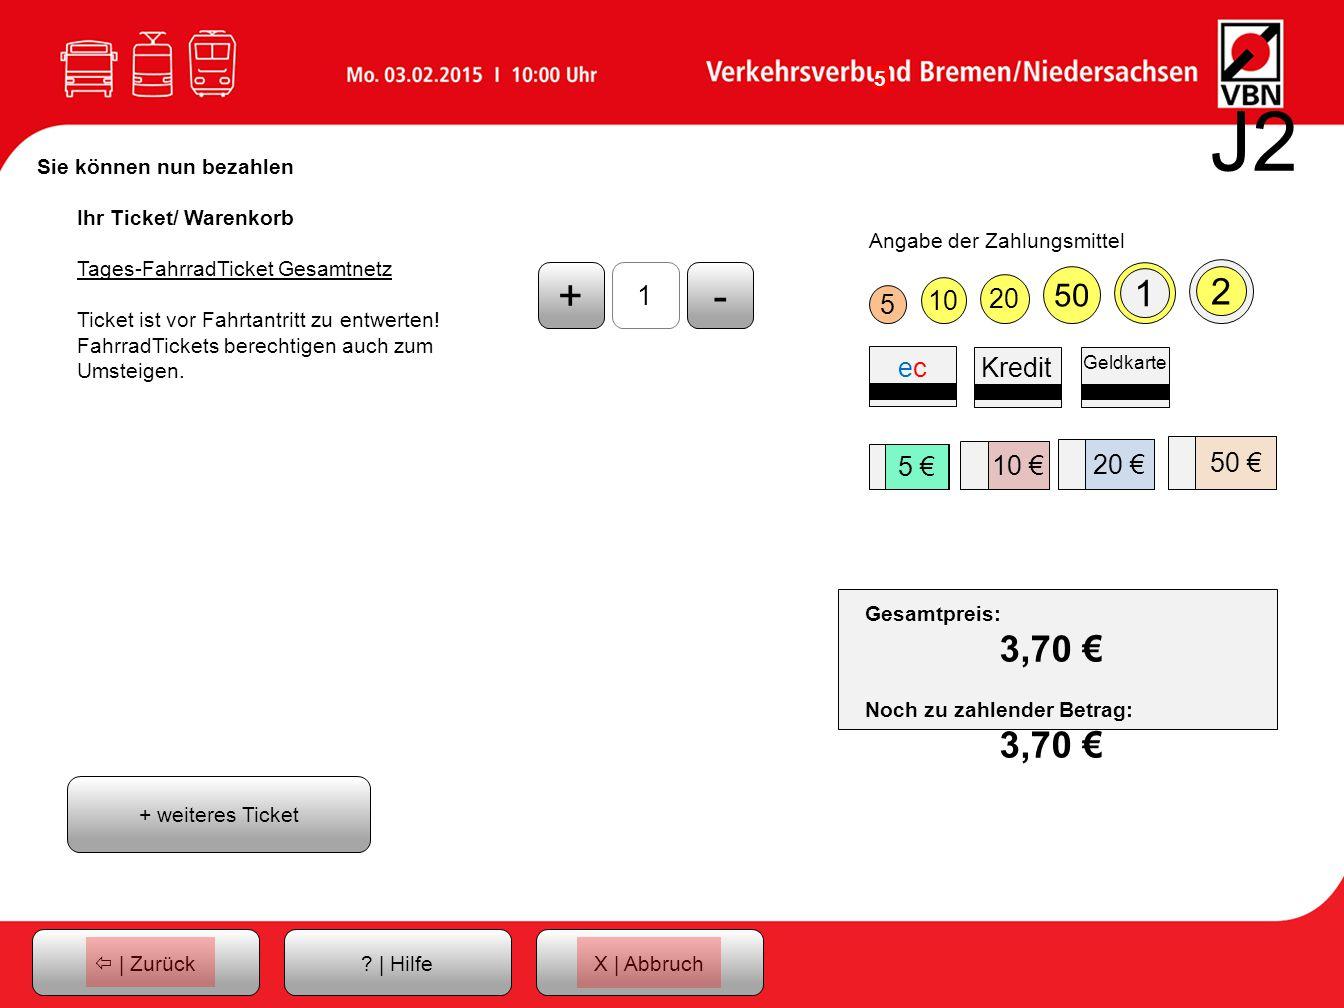 J2 Sie können nun bezahlen. Ihr Ticket/ Warenkorb. Tages-FahrradTicket Gesamtnetz. Ticket ist vor Fahrtantritt zu entwerten!